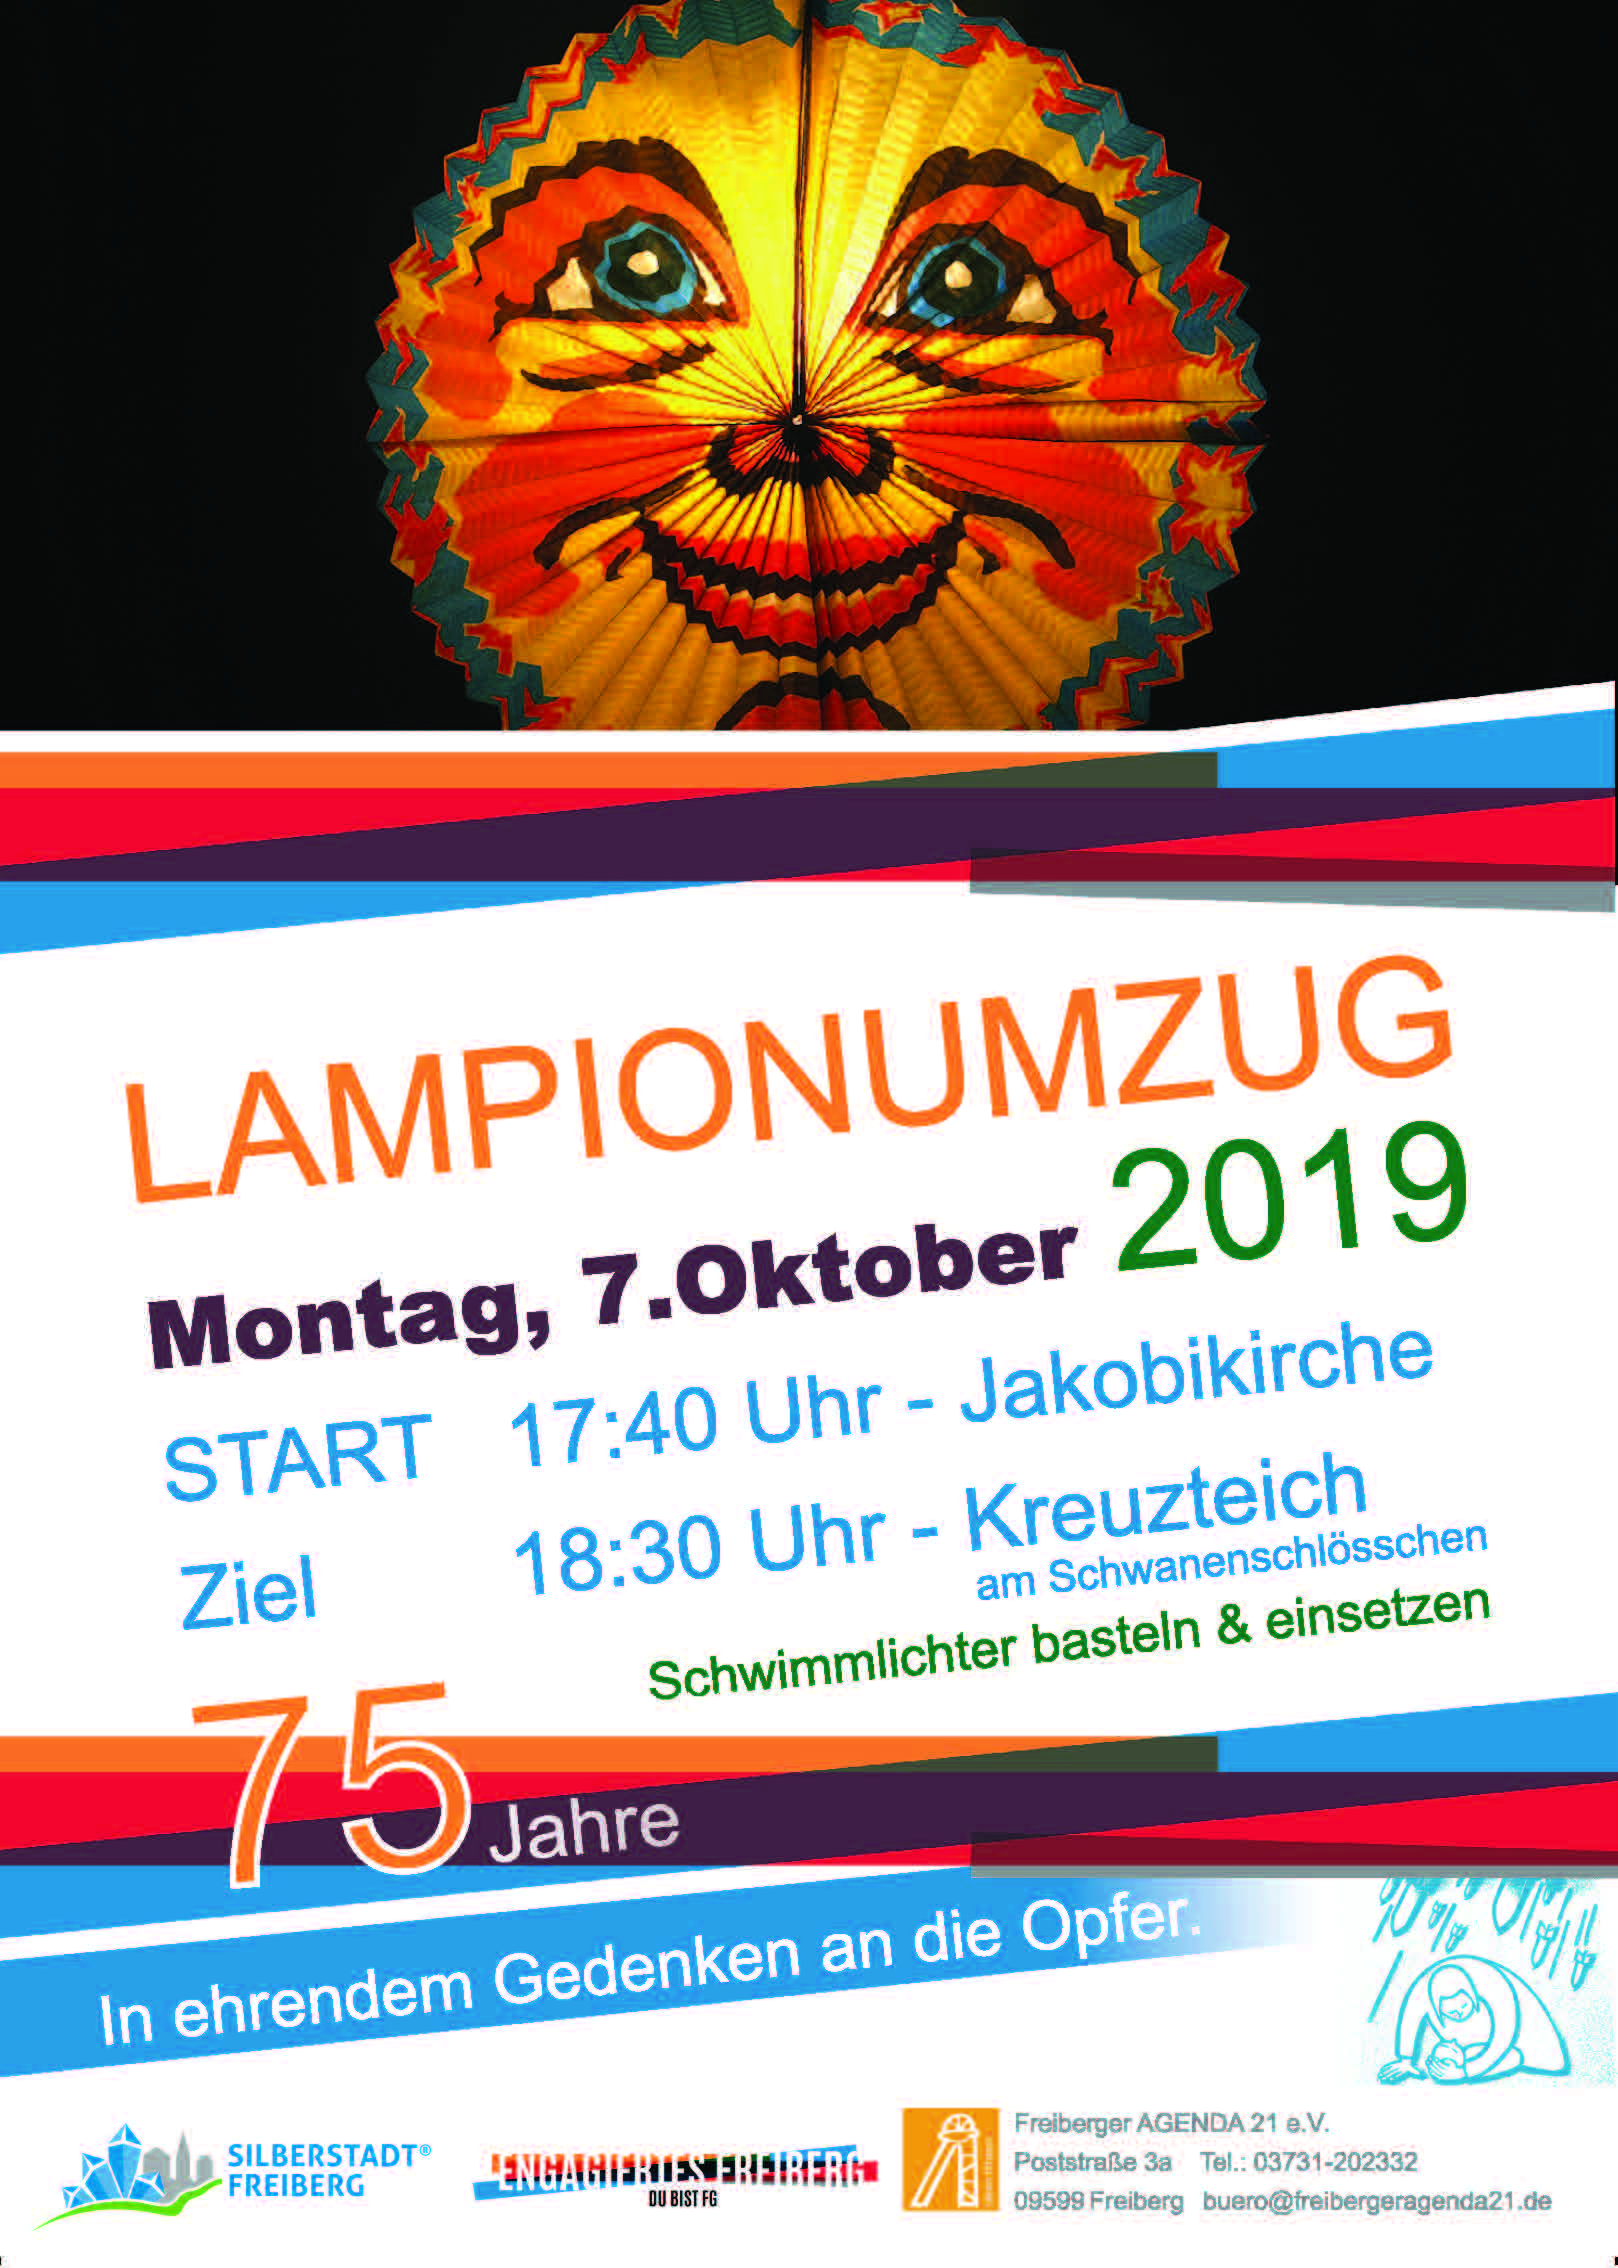 Poster Lampionumzug